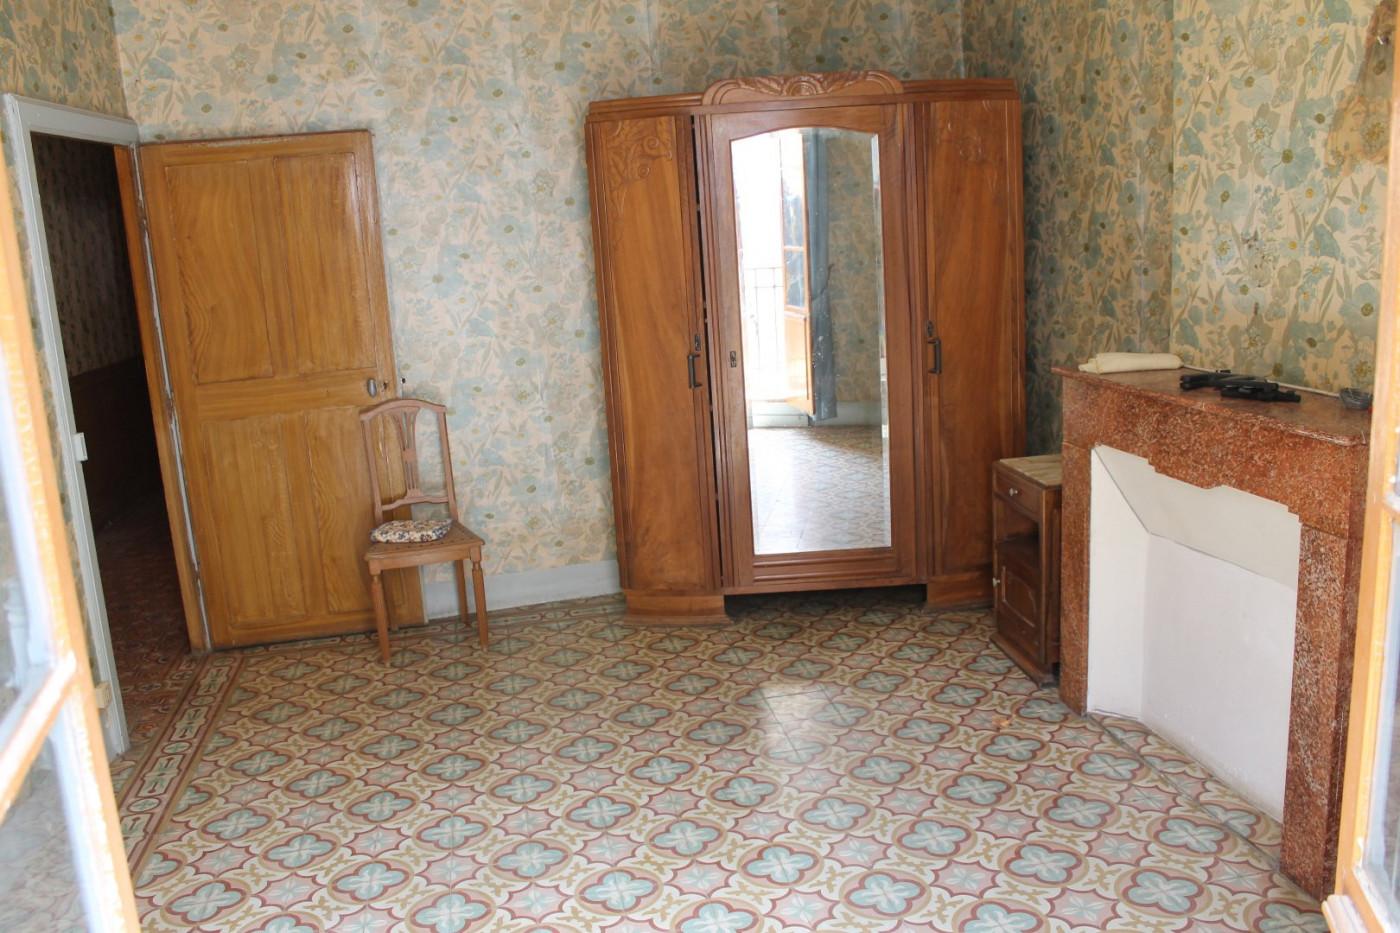 Creer Une Terrasse Tropezienne vente maison de village jonquieres, 130m² 4 pièces 96 000€